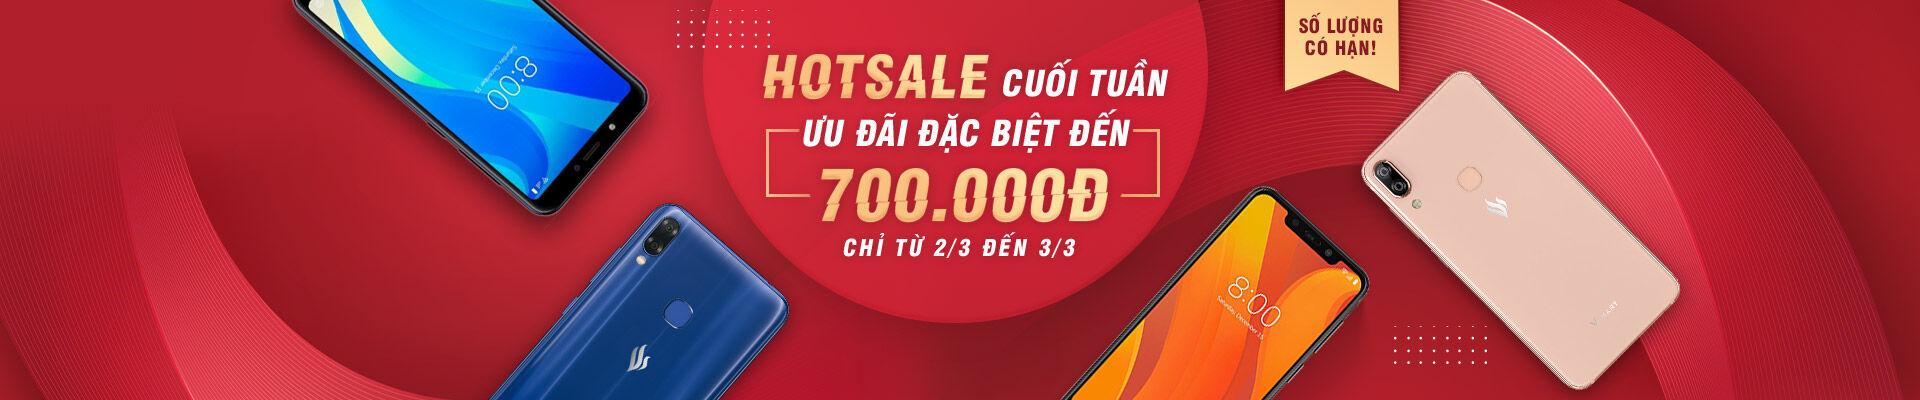 Điện thoại Vsmart - Hot sale cuối tuần